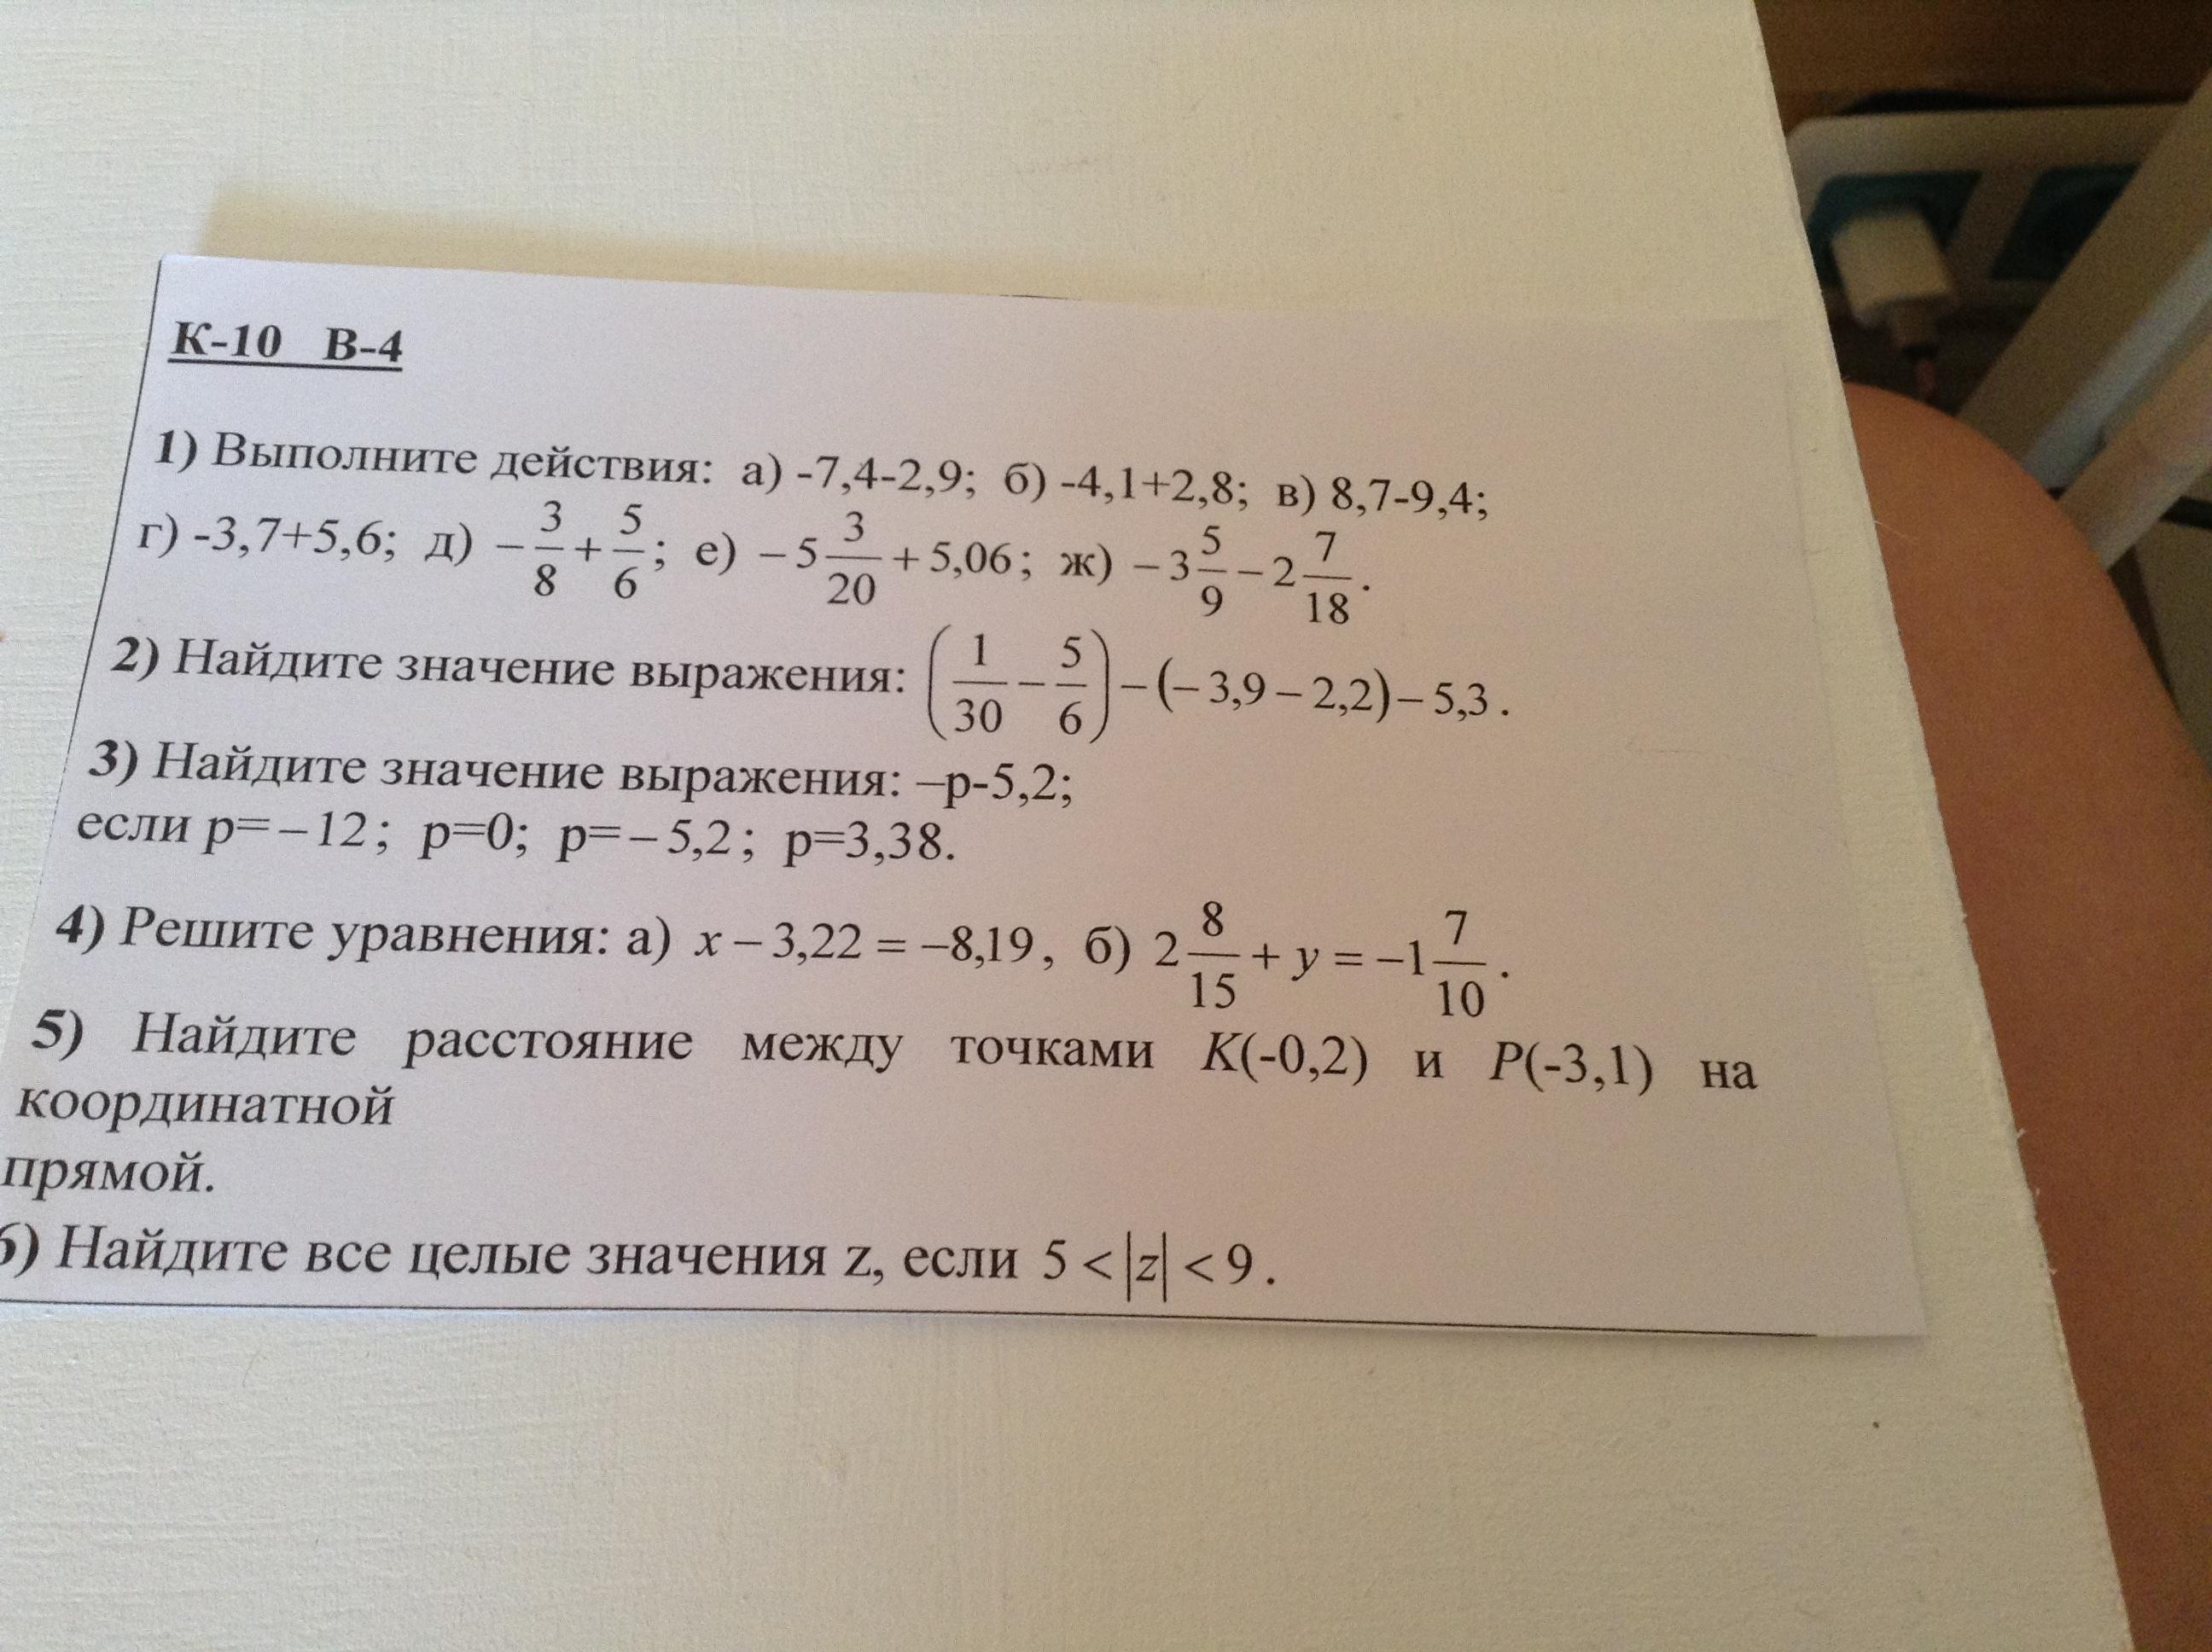 Помогите решить задачи по математике 6 класс задачи по физики с решением мощность формулы